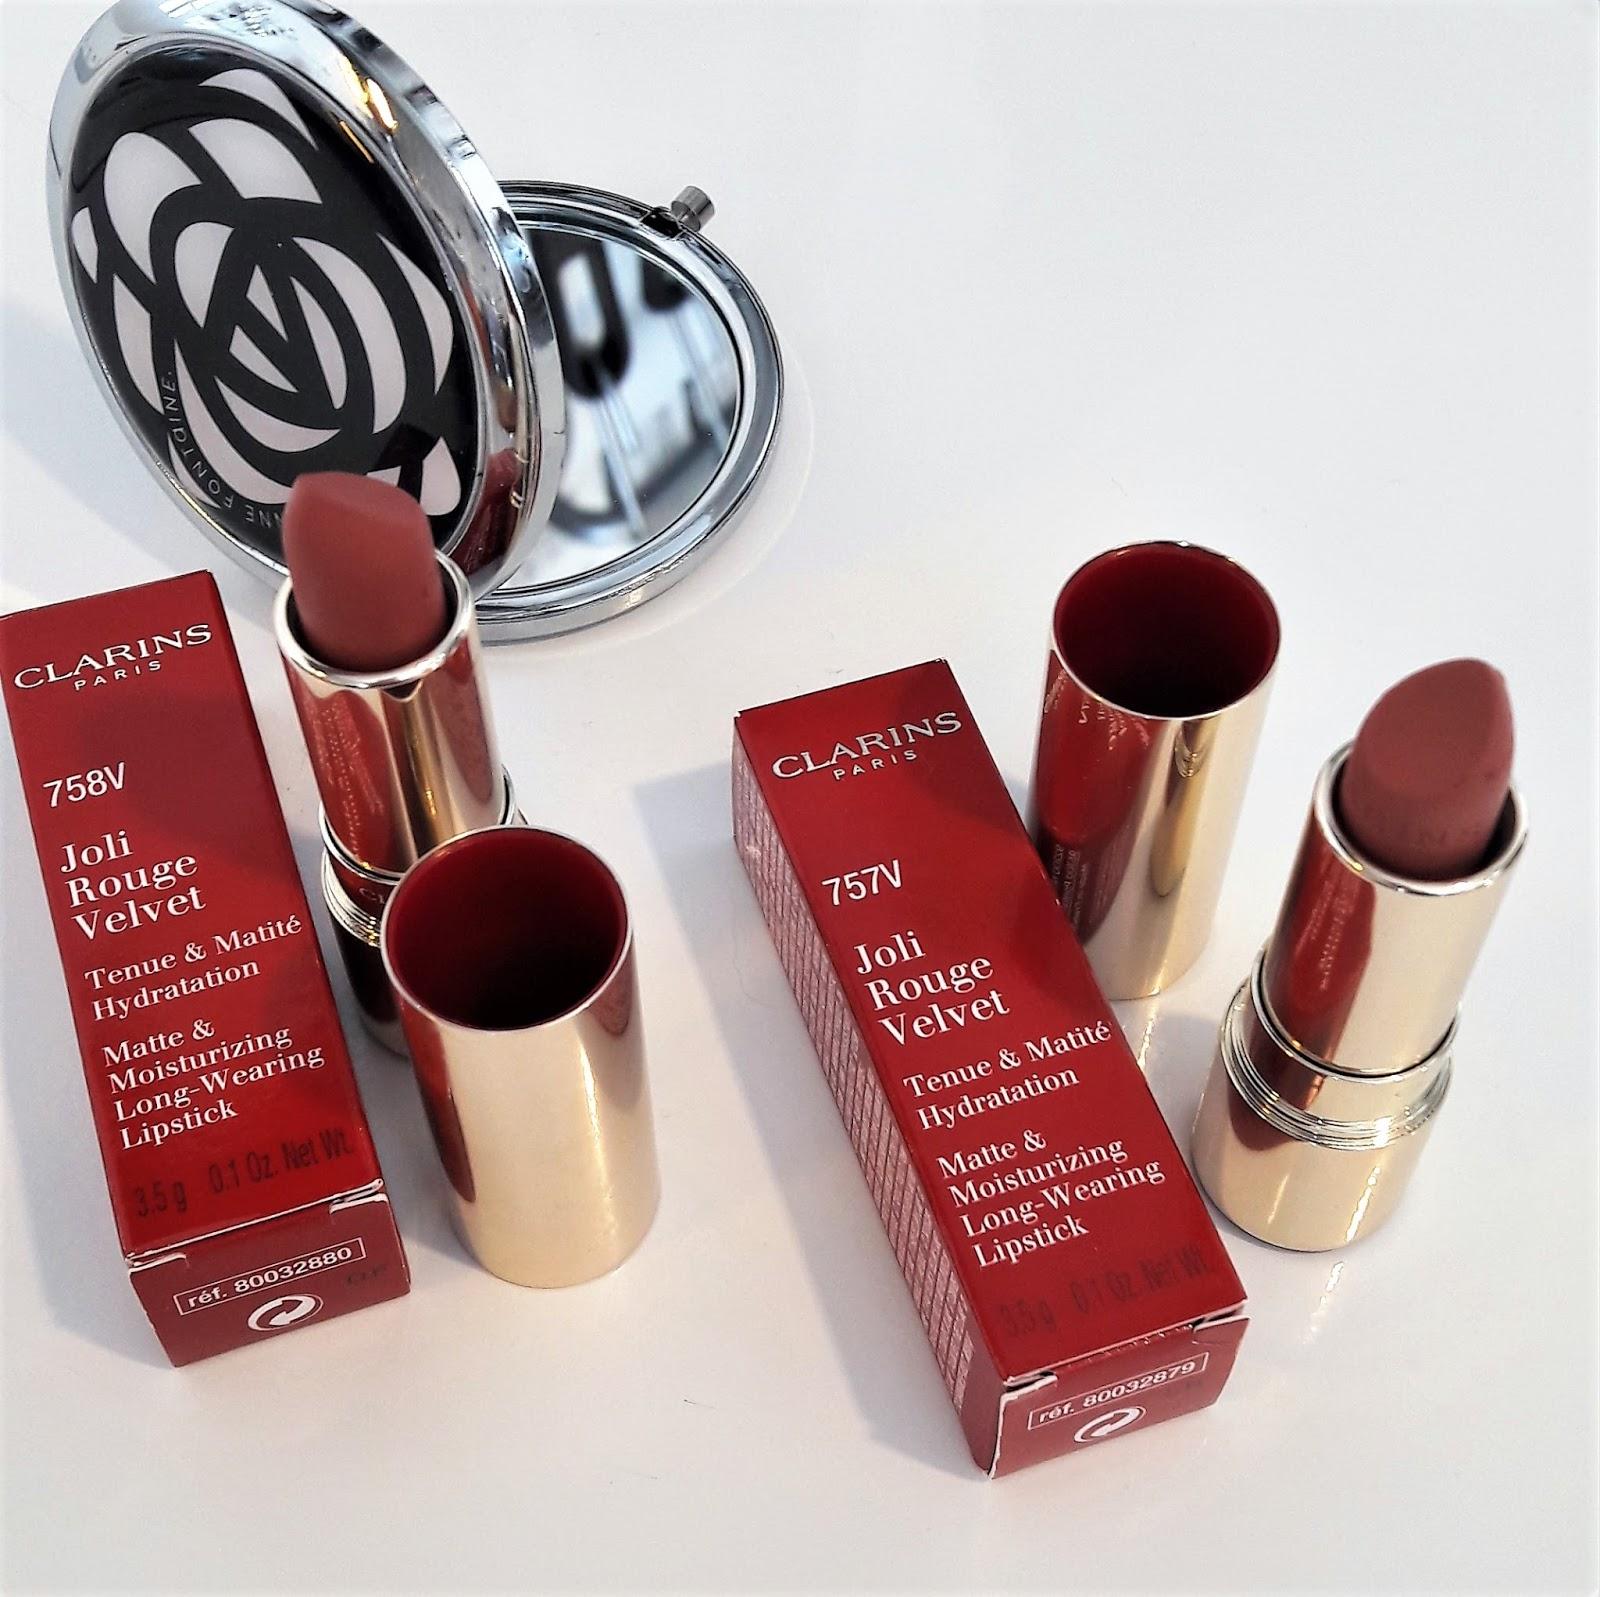 8aca40cd88 Facile de trouver notre teinte préférée parmi les 4 familles de couleurs :  dégradés de nudes, roses du très discret à l'effet « bonbon », rouges  séduction ...